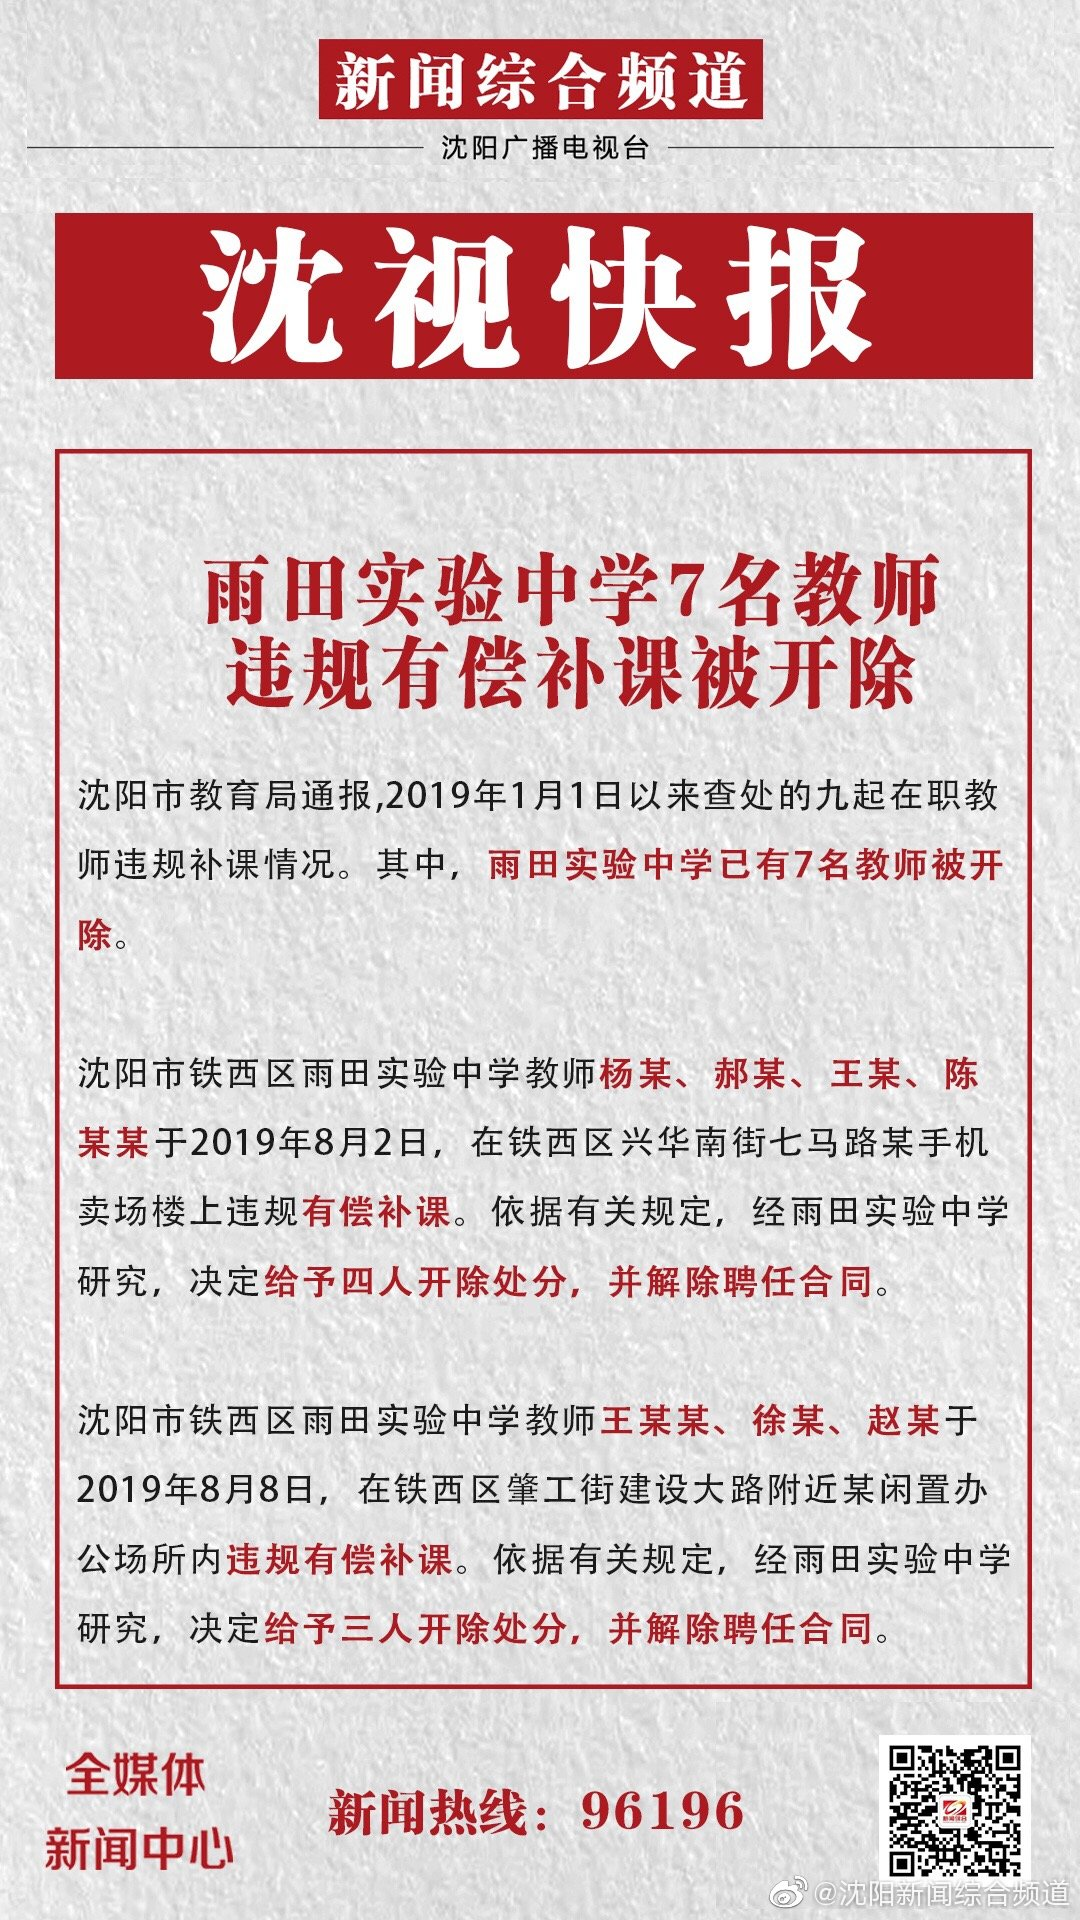 雨田实验中学7名教师违规有偿补课被开除